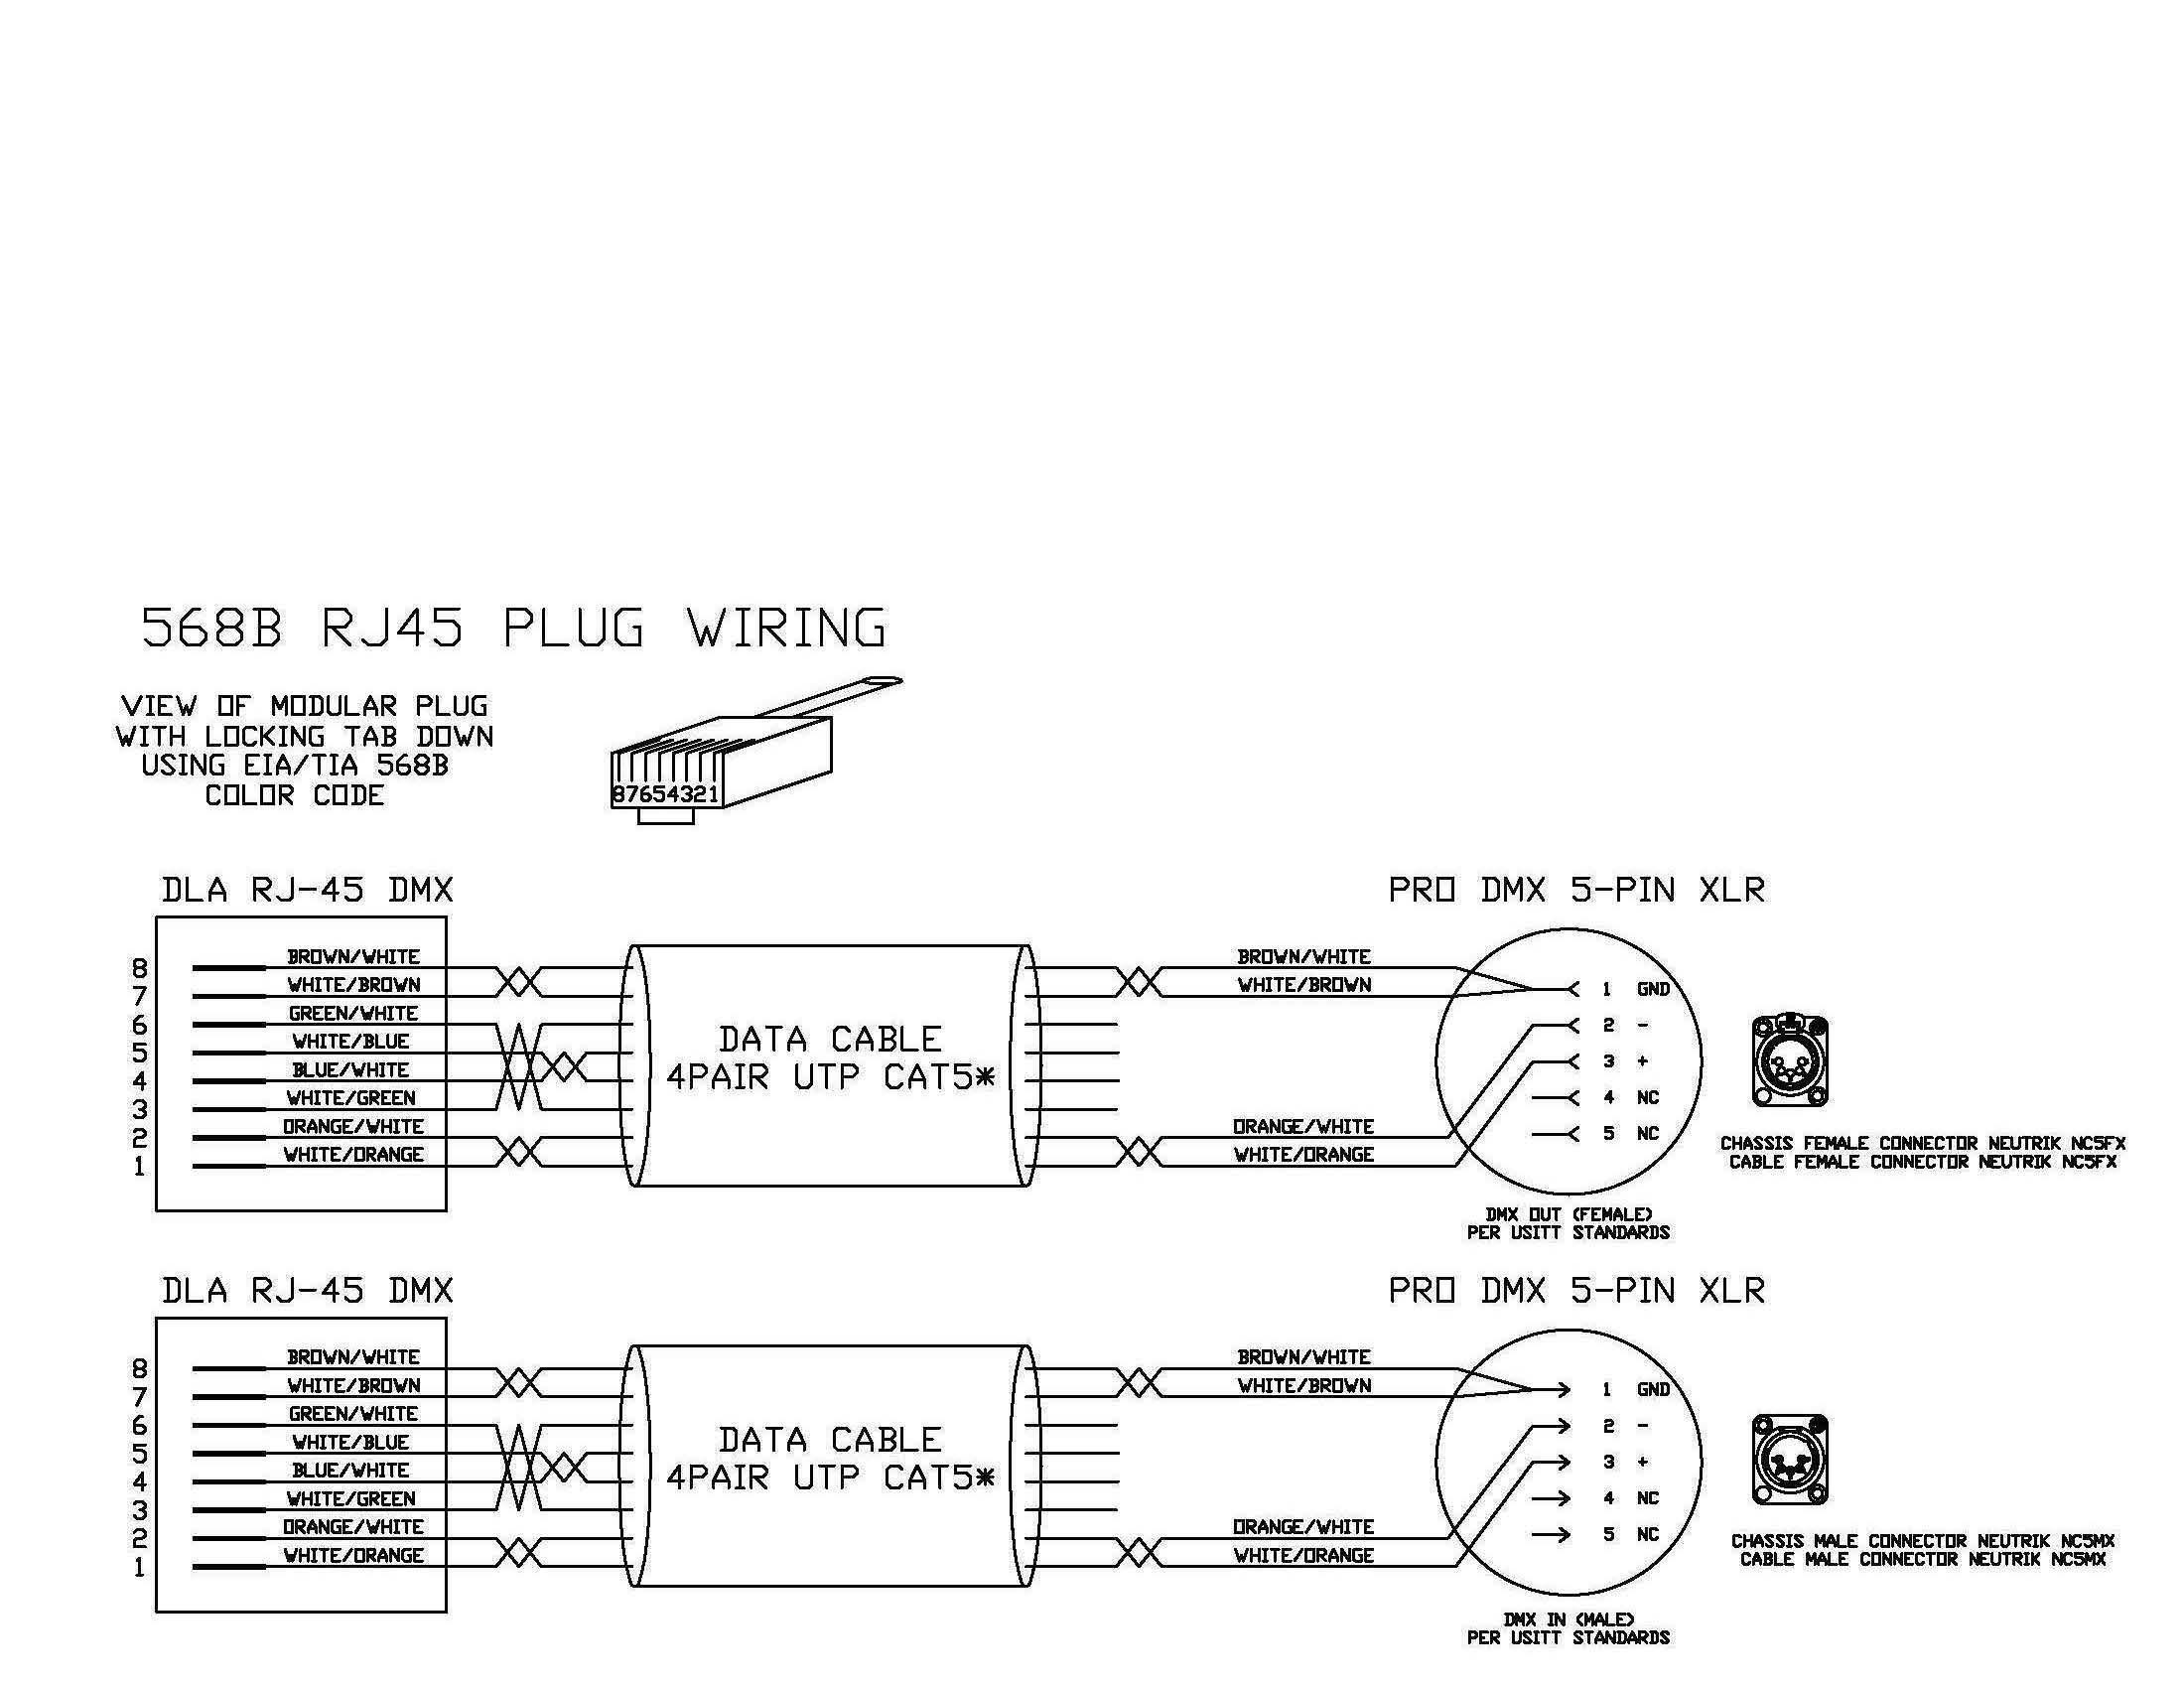 5 pin microphone wire diagram wiring diagrams rh loewenfanclub kasing de